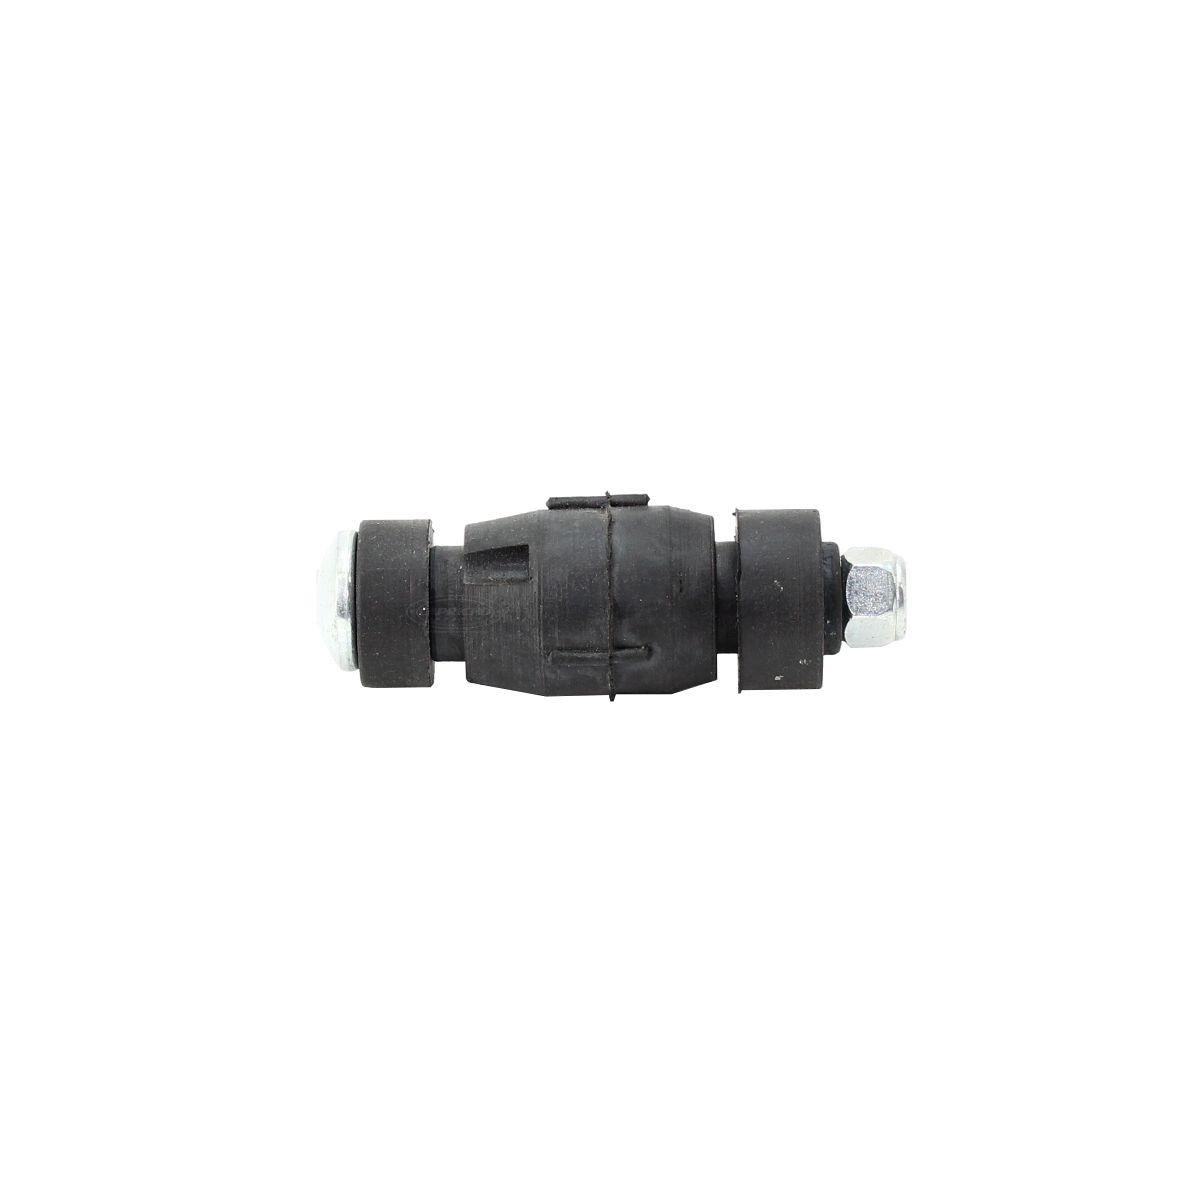 Bieleta da Barra Estabilizadora Dianteira - Renault Clio / Megane / Scenic / Logan / Sandero